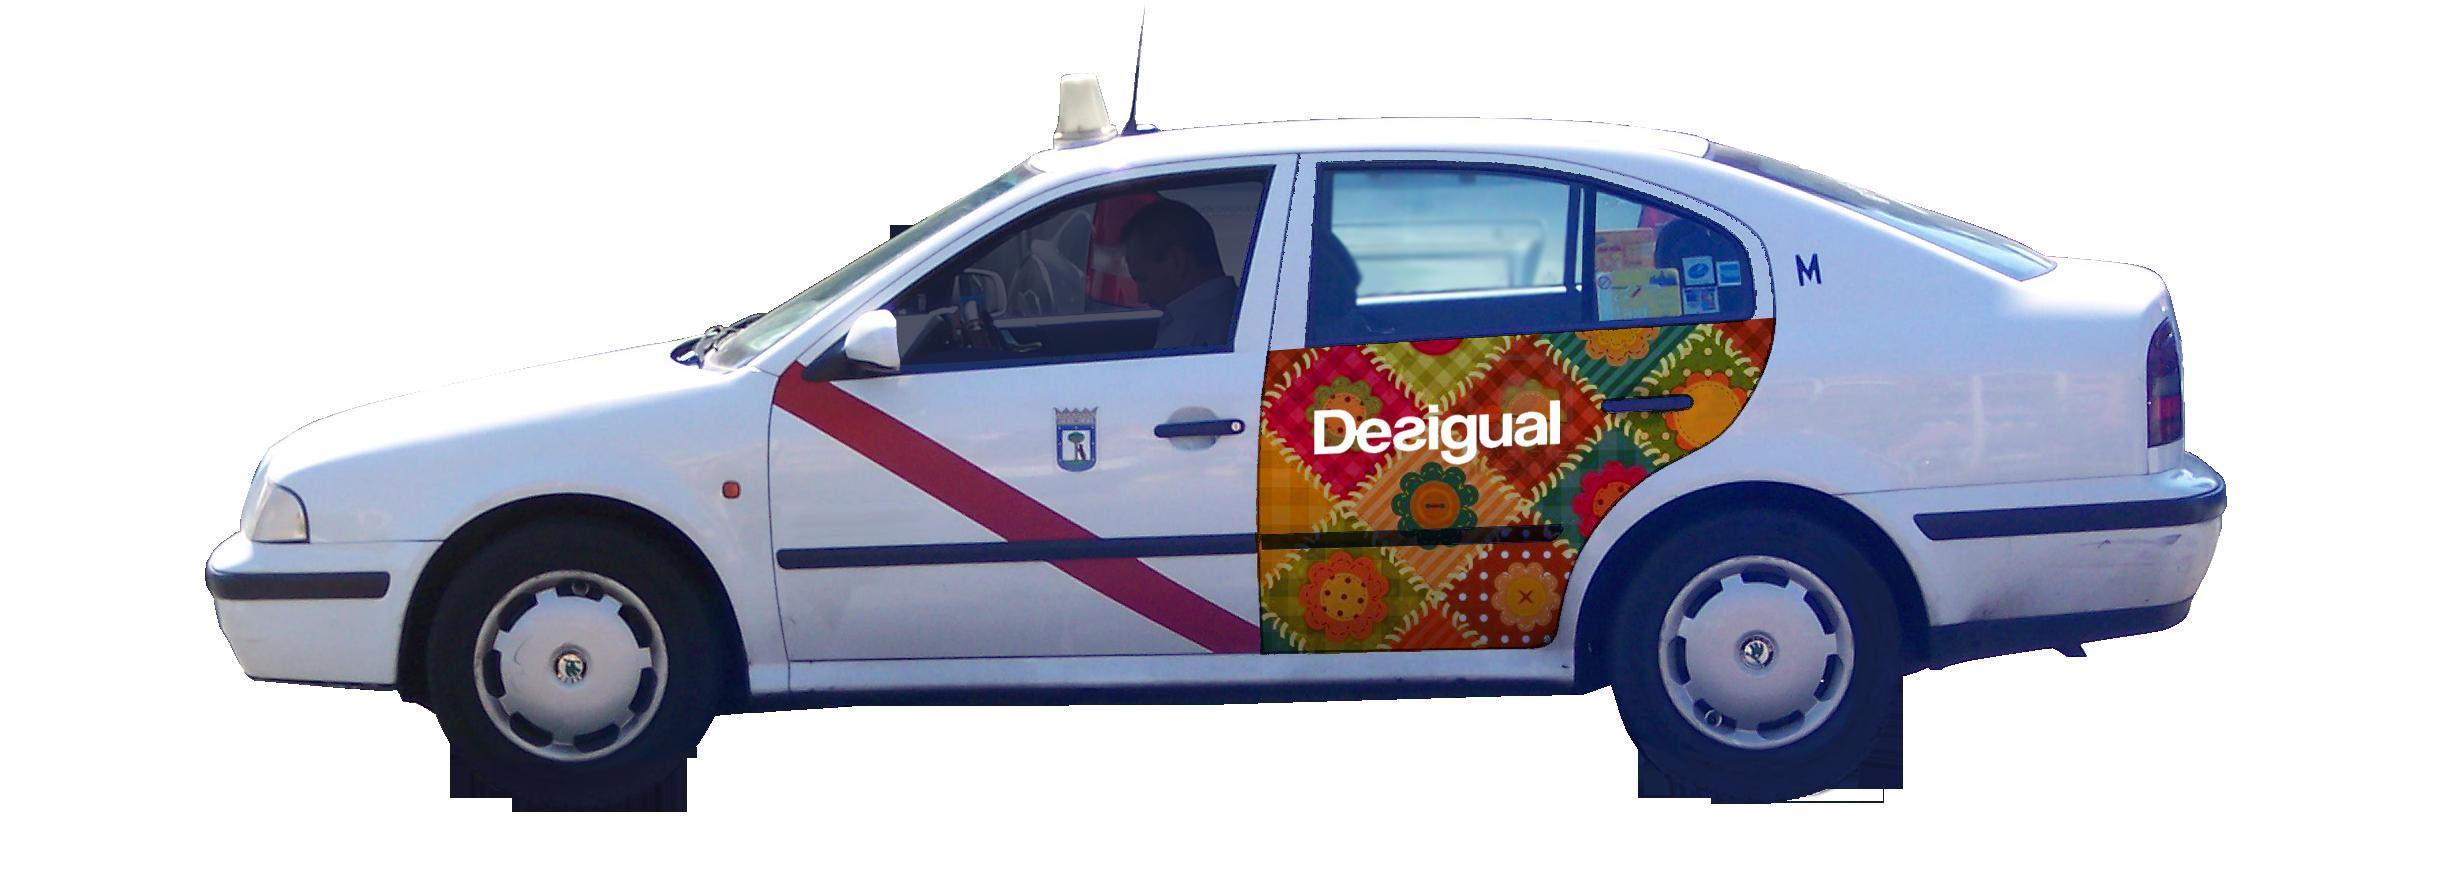 publicidad taxi Madrid Desigual